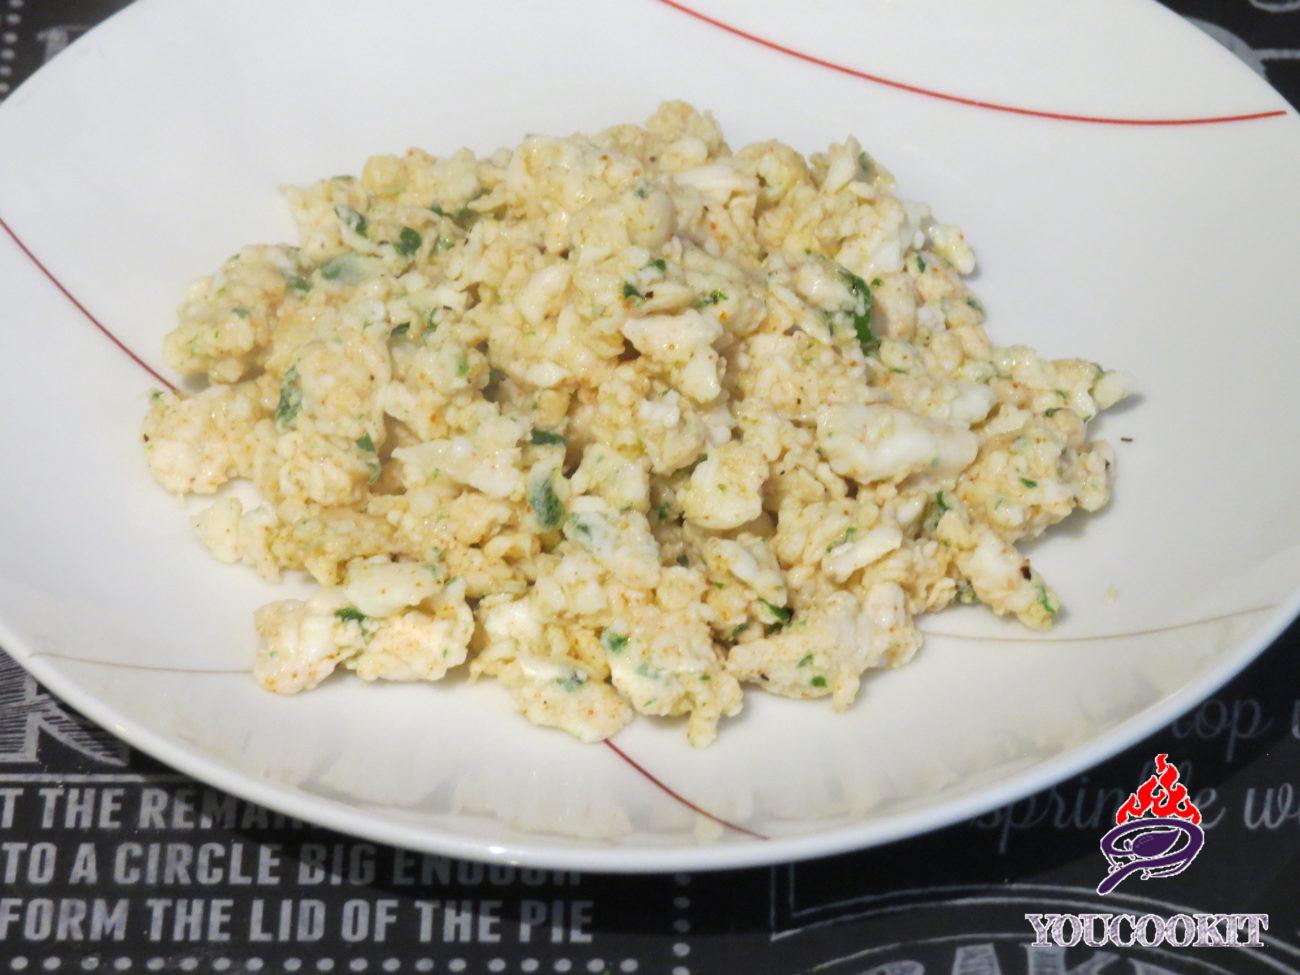 Uova strapazzate senza colesterolo